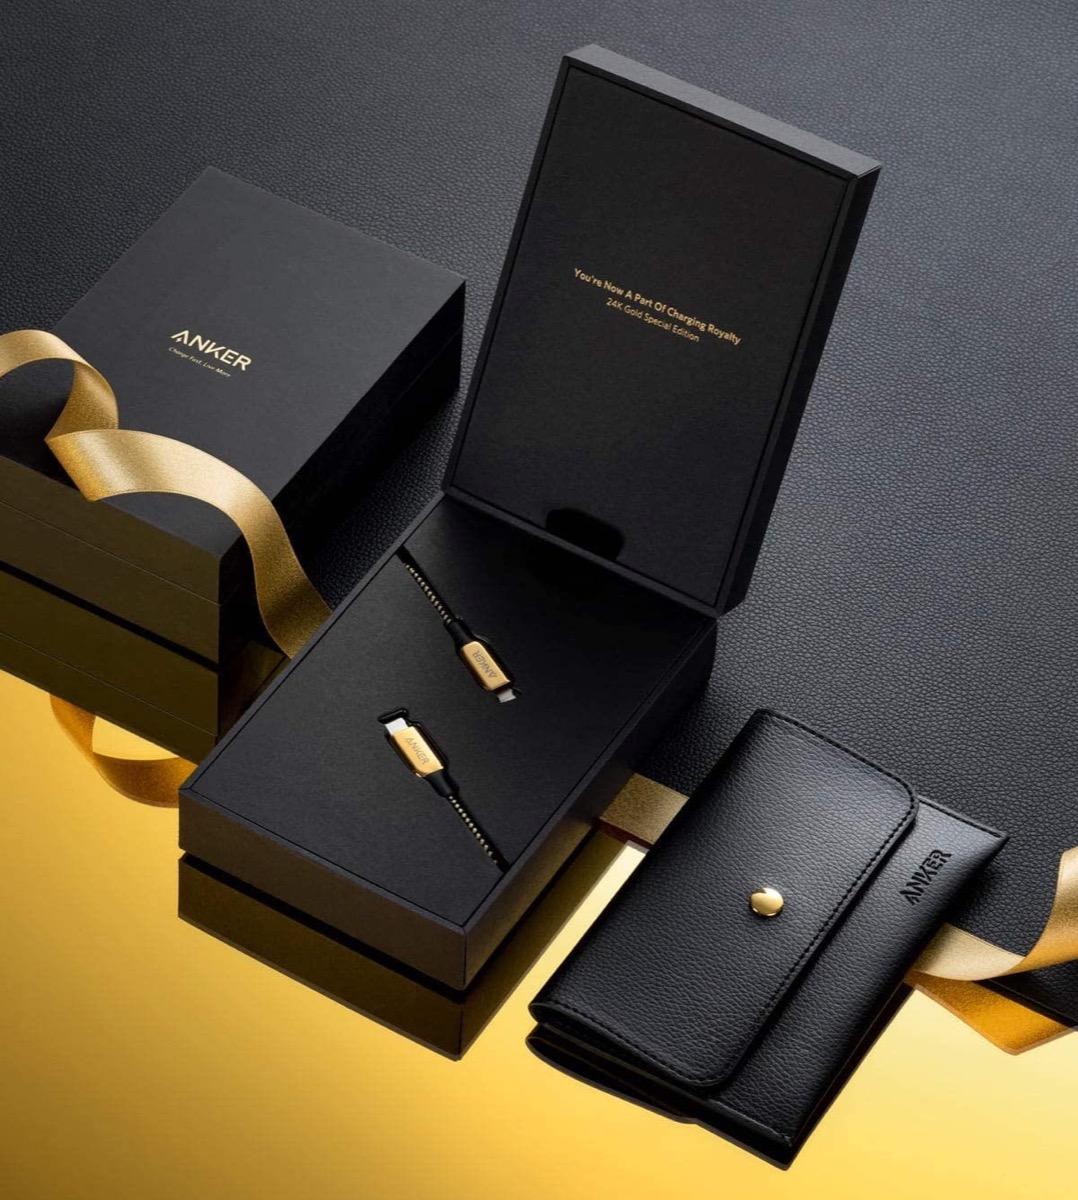 Chi è disposto a spendere 100 dollari per il cavo Lightning di Anker placcato in oro?